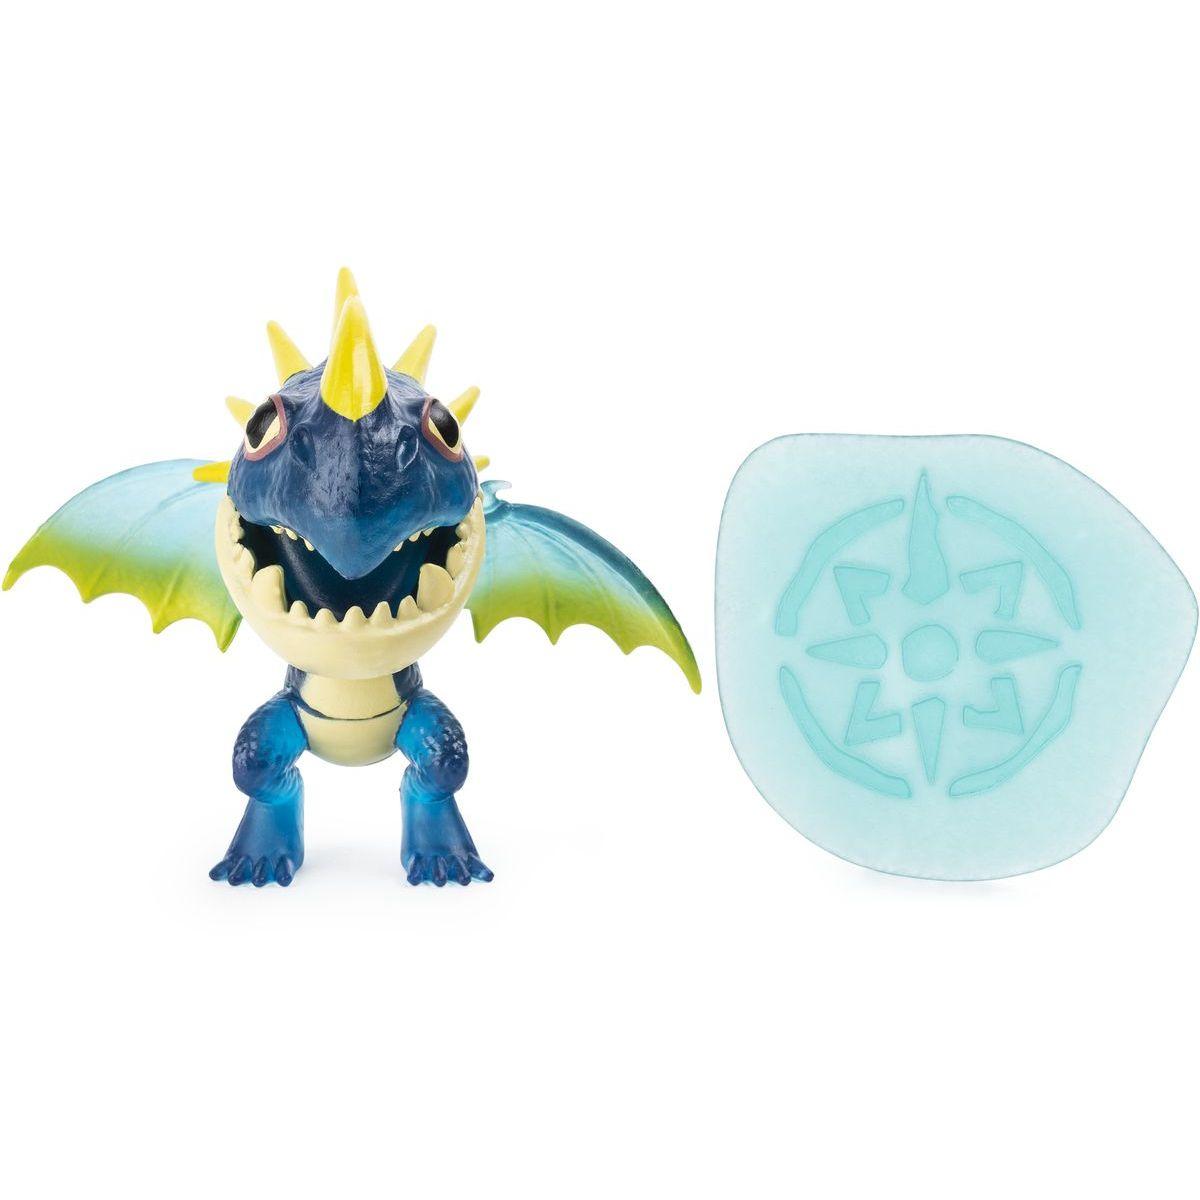 Jak vycvičit draka Draci malé figurky hrdinů Stormfly